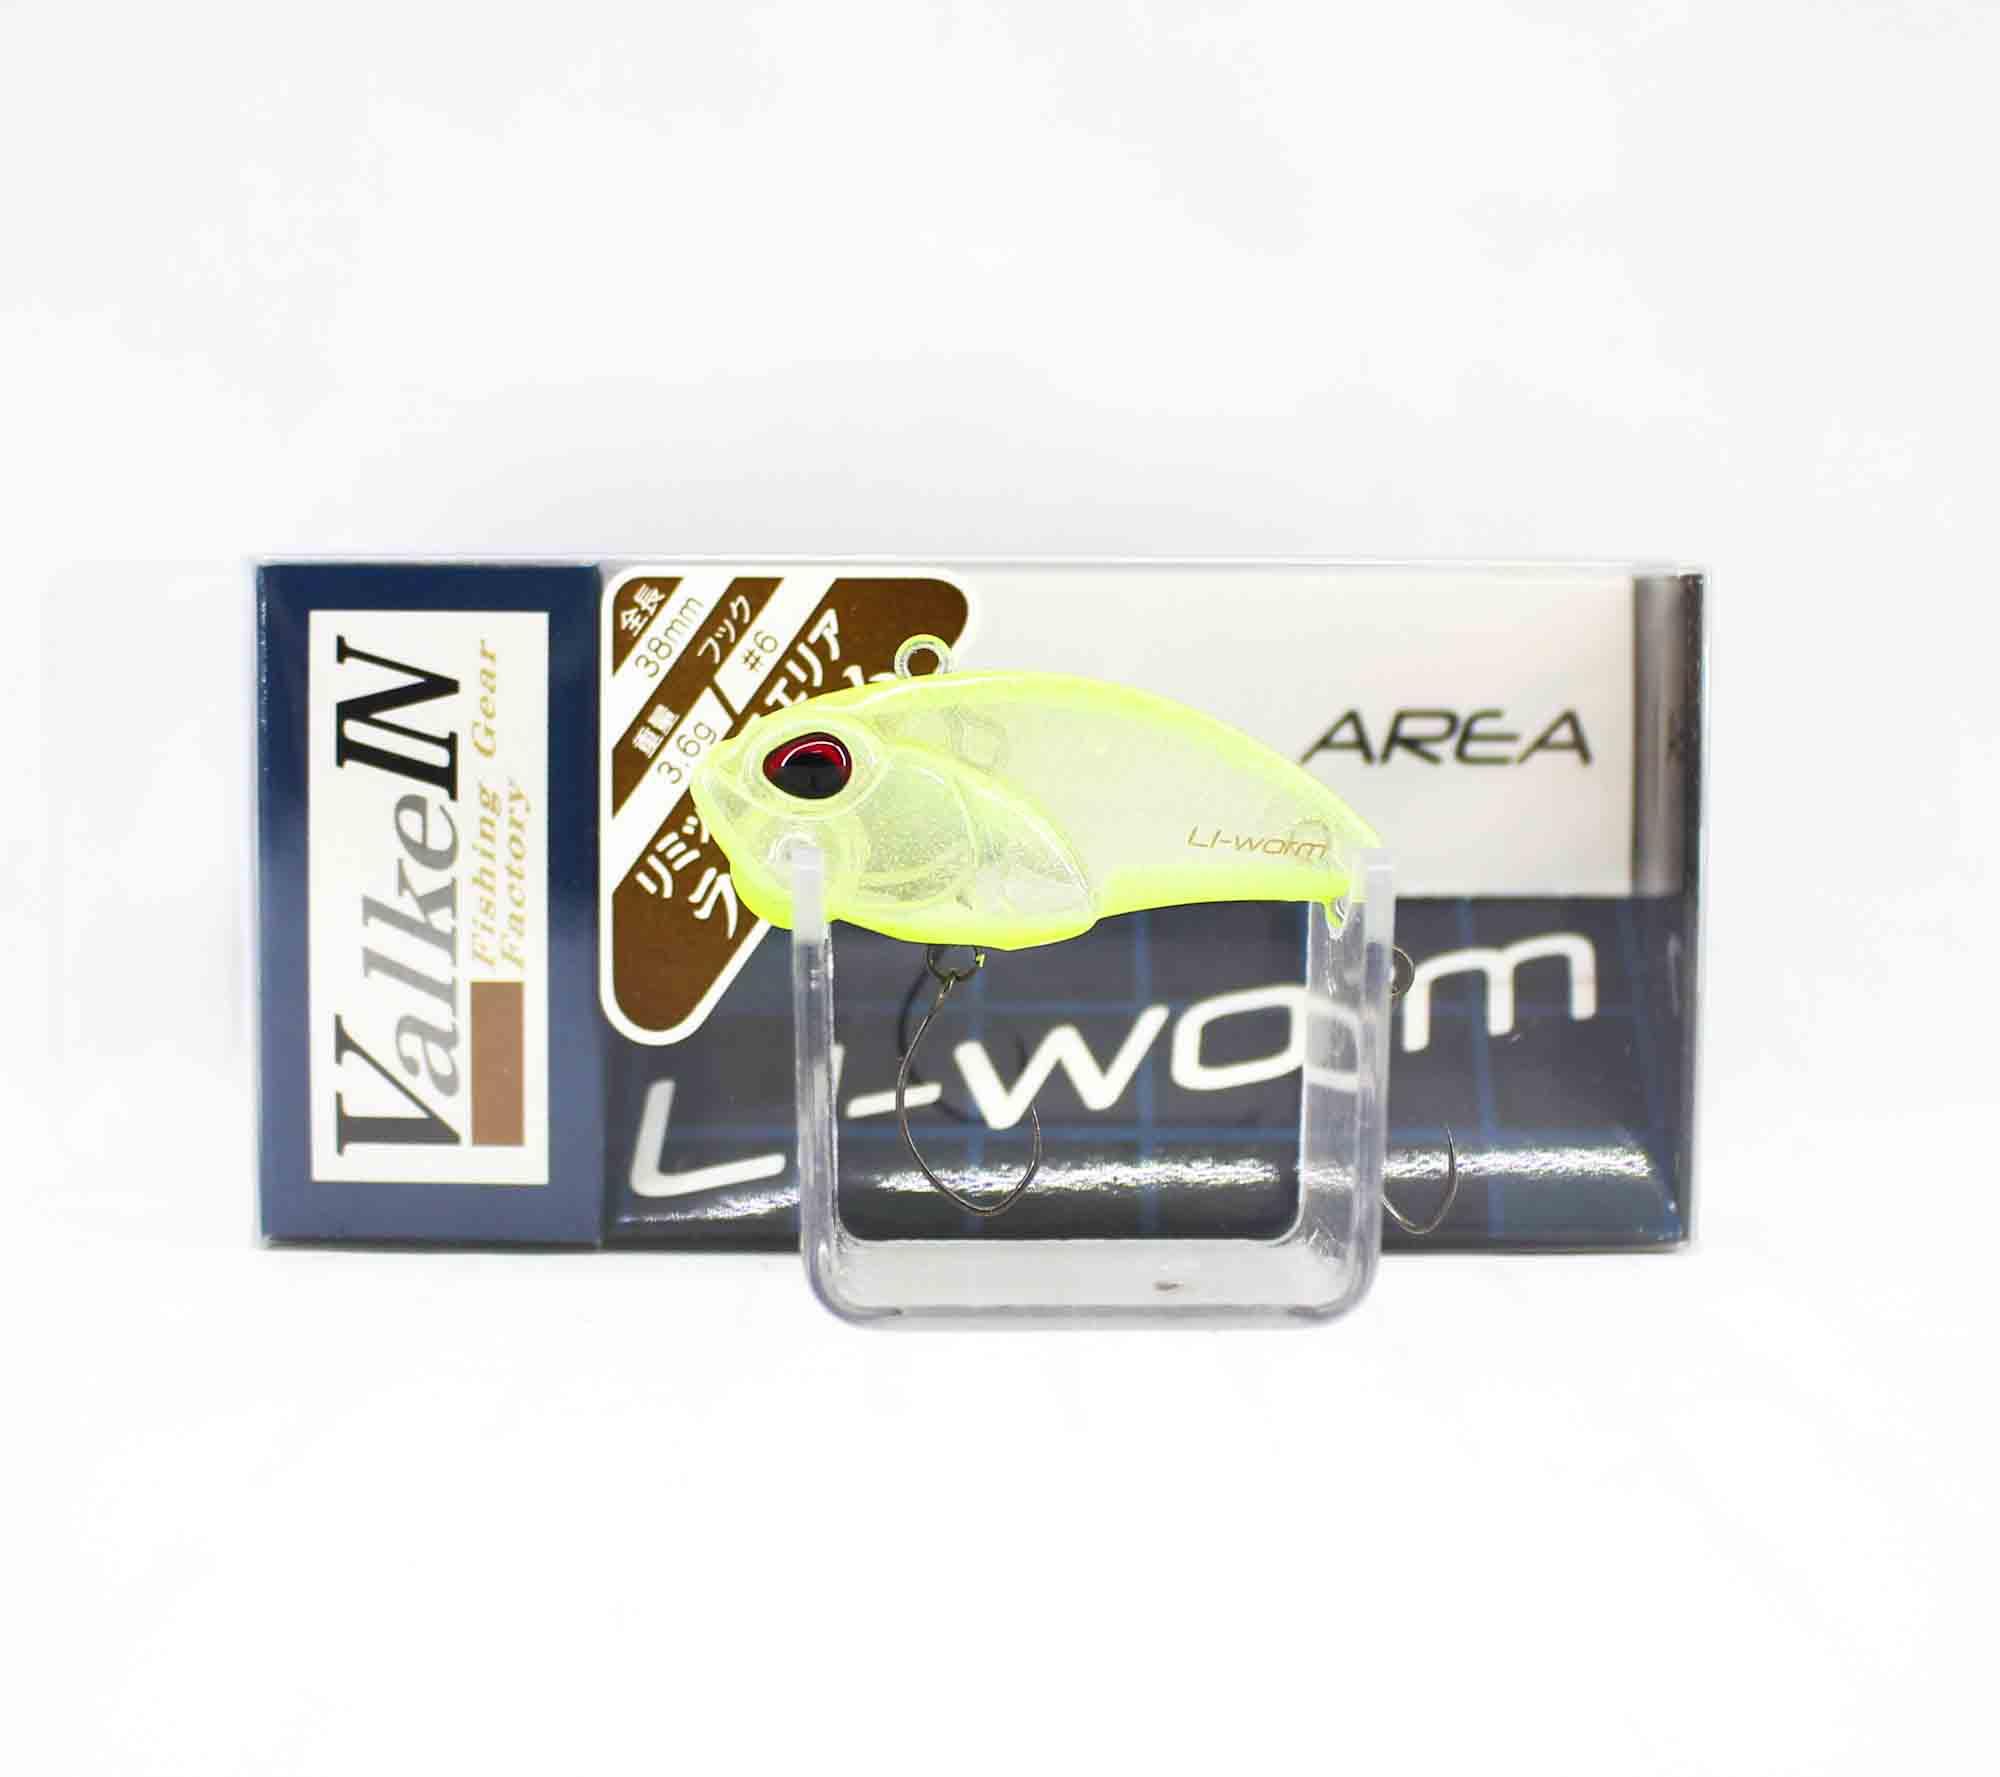 Valkein Li-Worm 38mm 3.6 grams Sinking Lure C048 (5180)